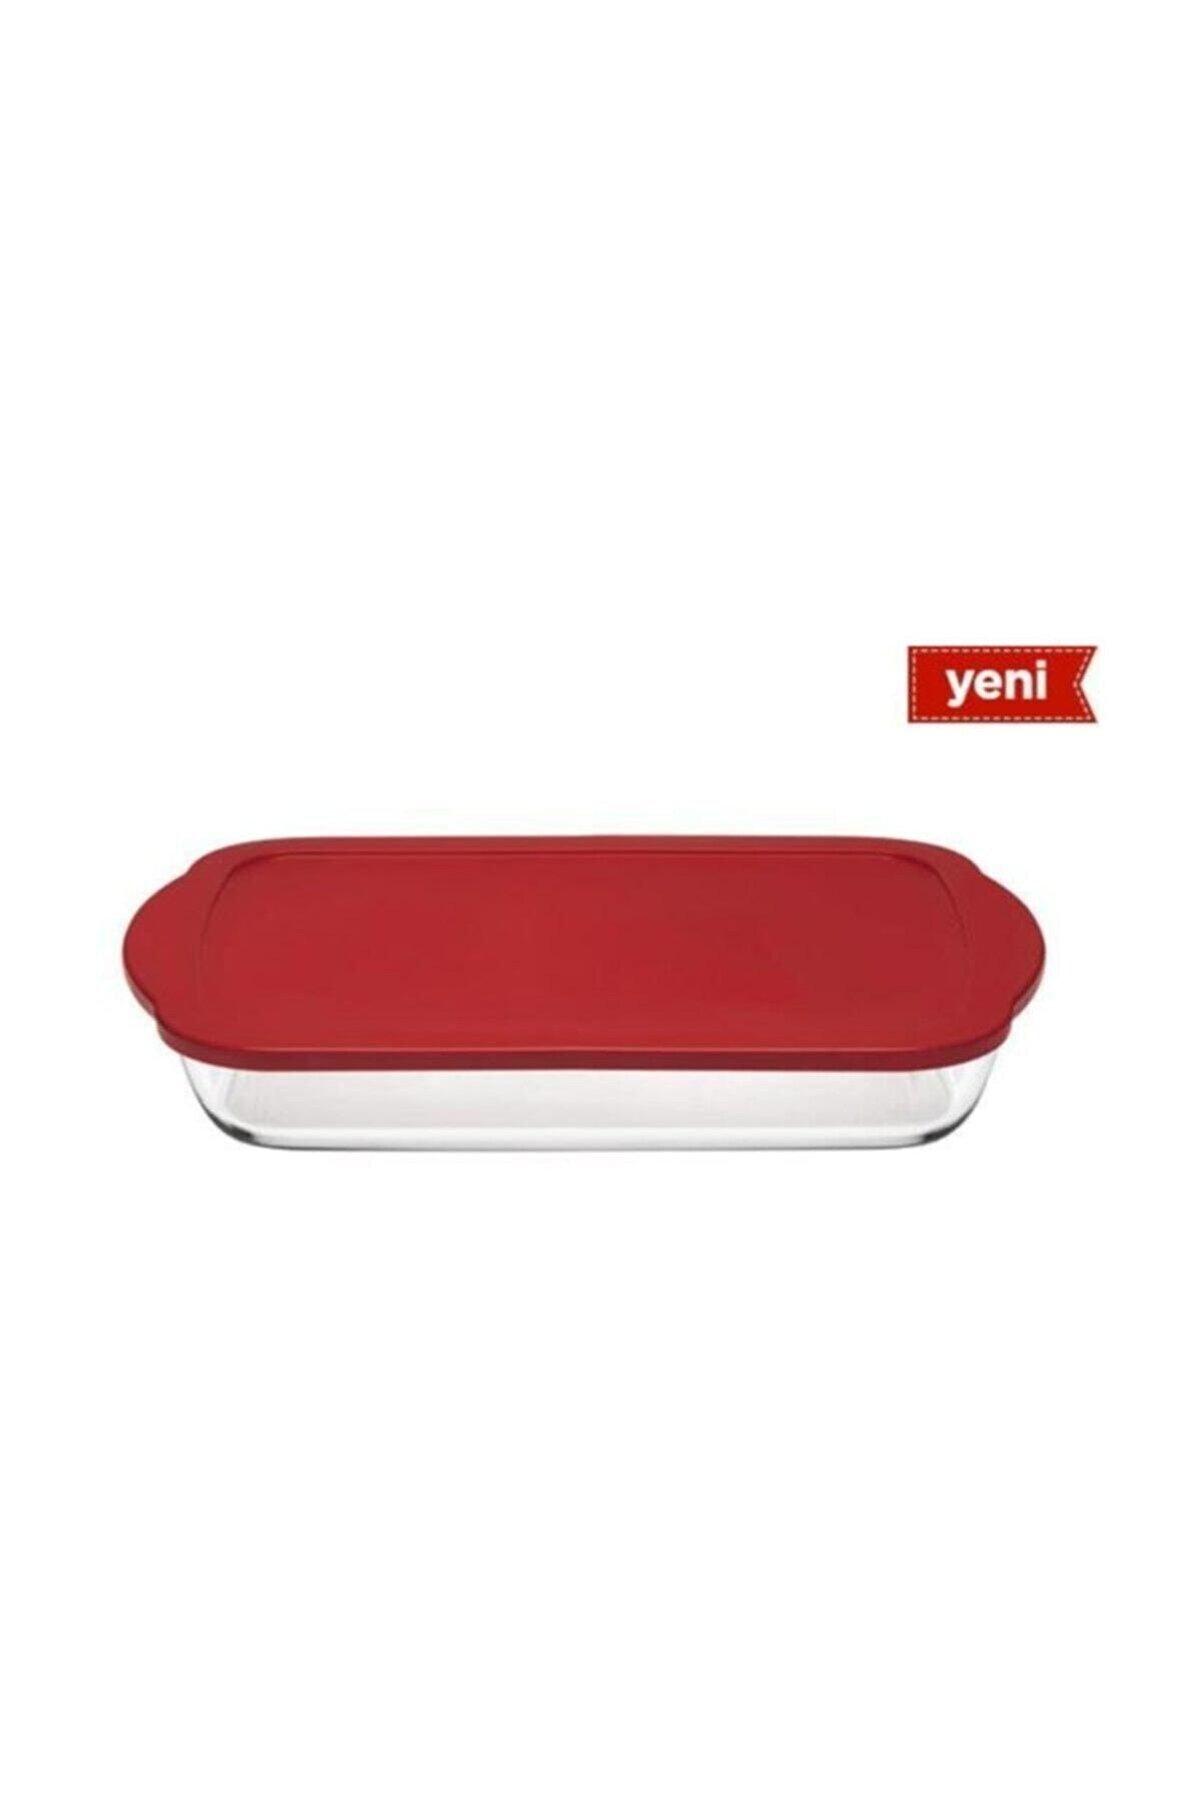 Paşabahçe Borcam Kırmızı Kapaklı Dikdörtgen Saklama Kabı 59124k